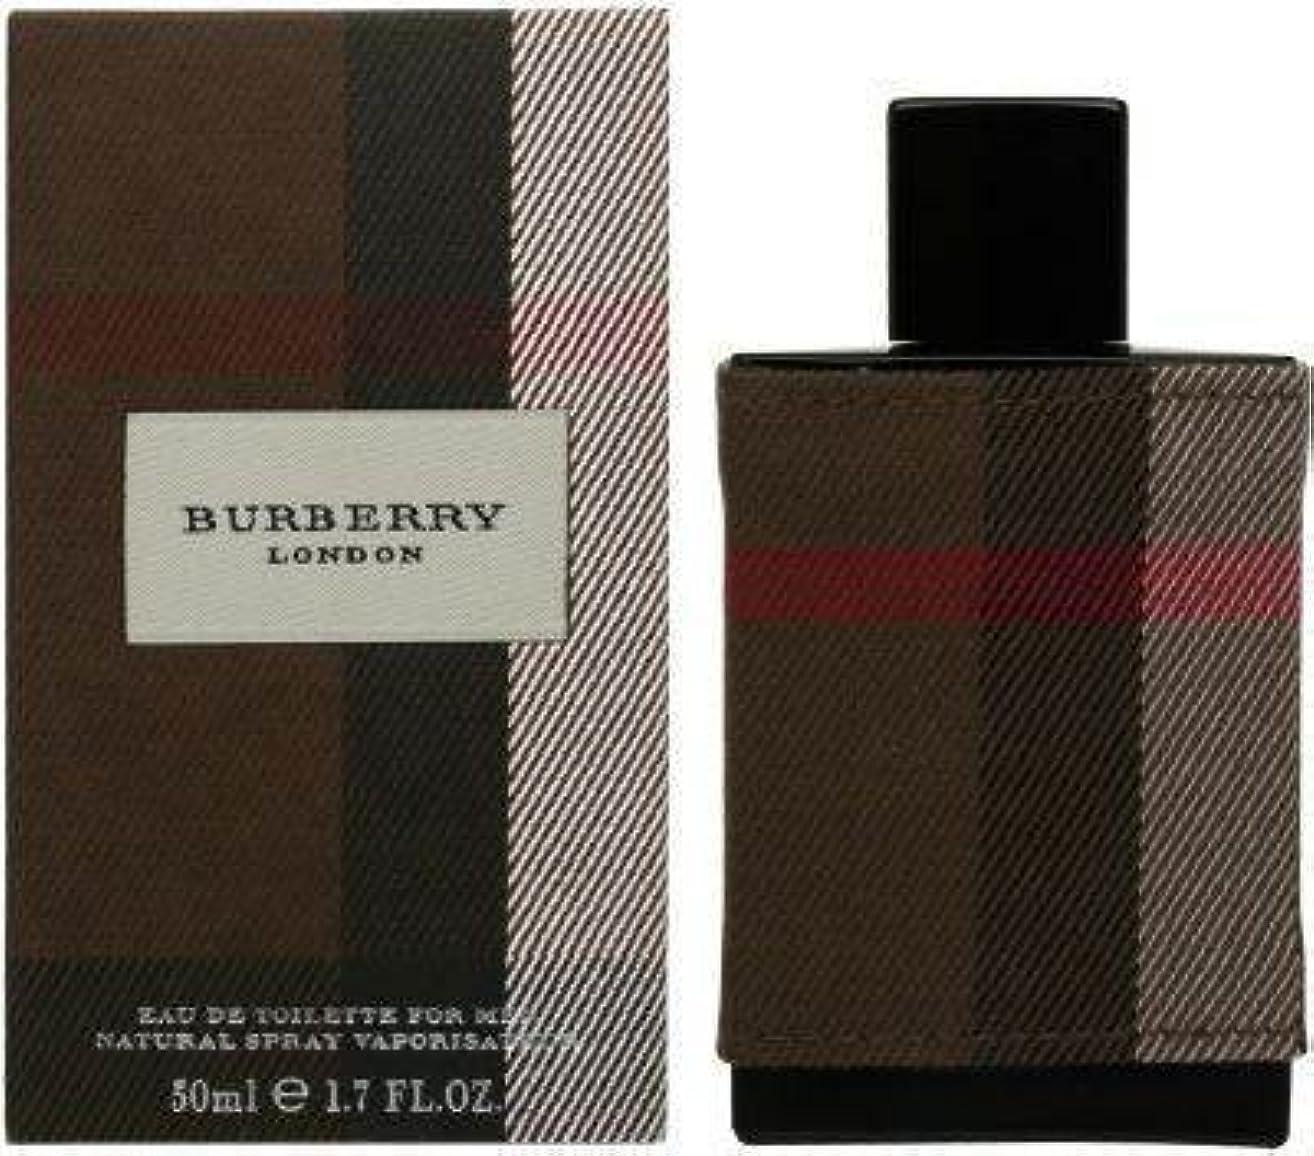 バーバリー (Burberry) (Burberry) ロンドン フォーメン EDT SP 50ml[並行輸入品]